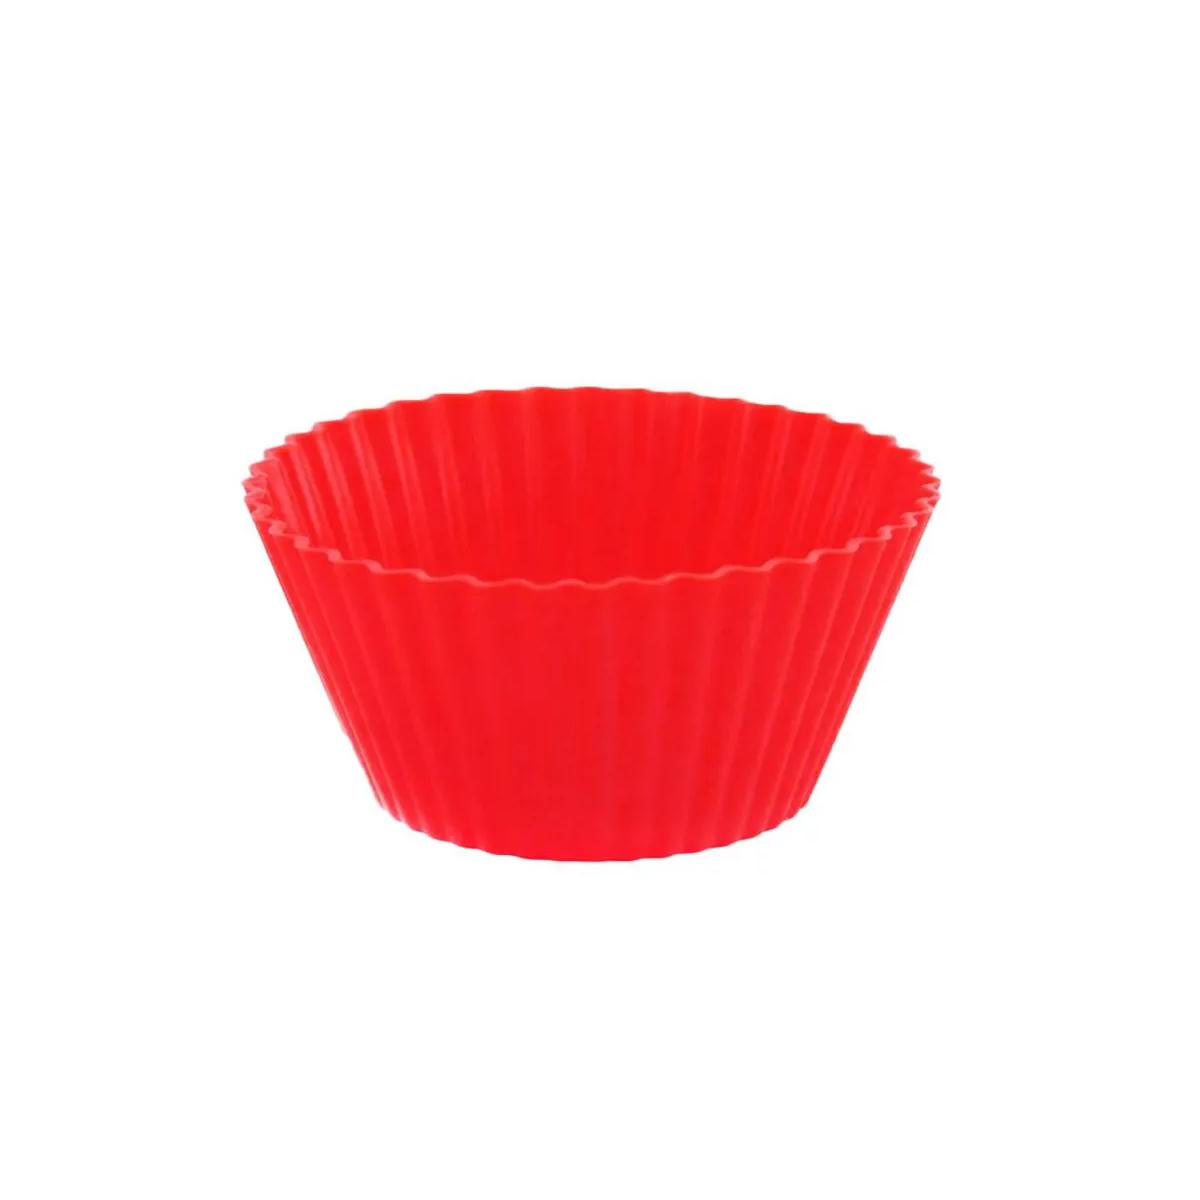 Jogo Forma de Silicone para Bolo Pudim Cupcake Vermelho 9 cm 4 peças